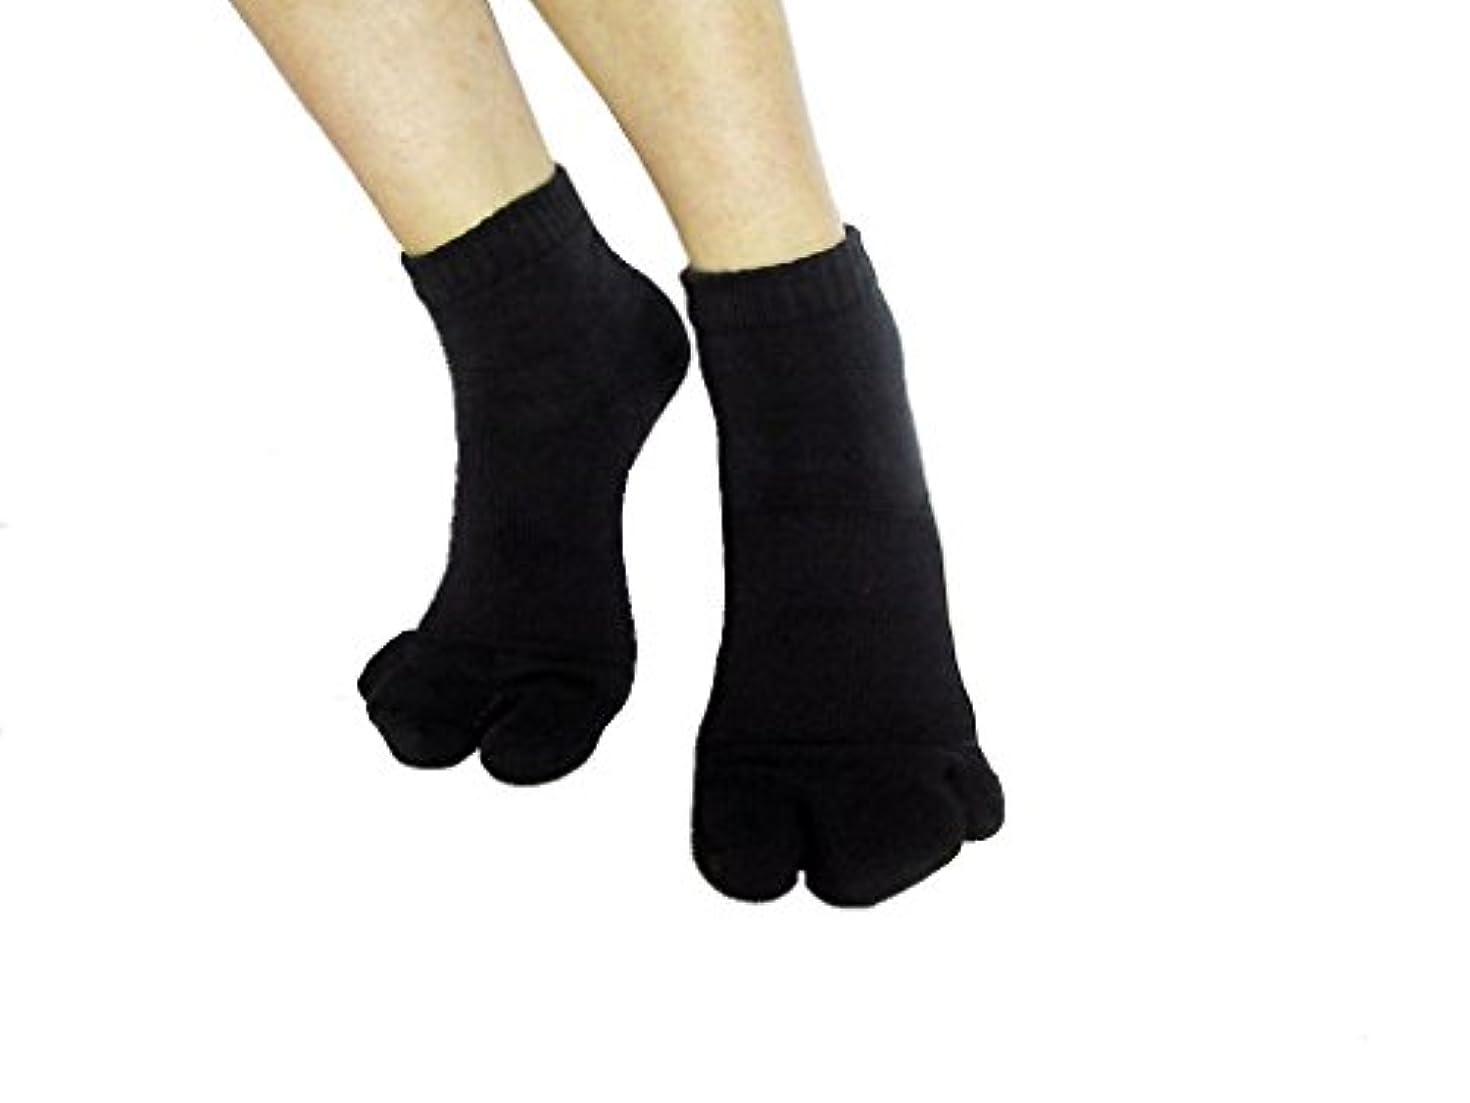 レキシコンブルーベル値下げカサハラ式サポーター ホソックス3本指 テーピング靴下 ブラック M23.5-23.5cm